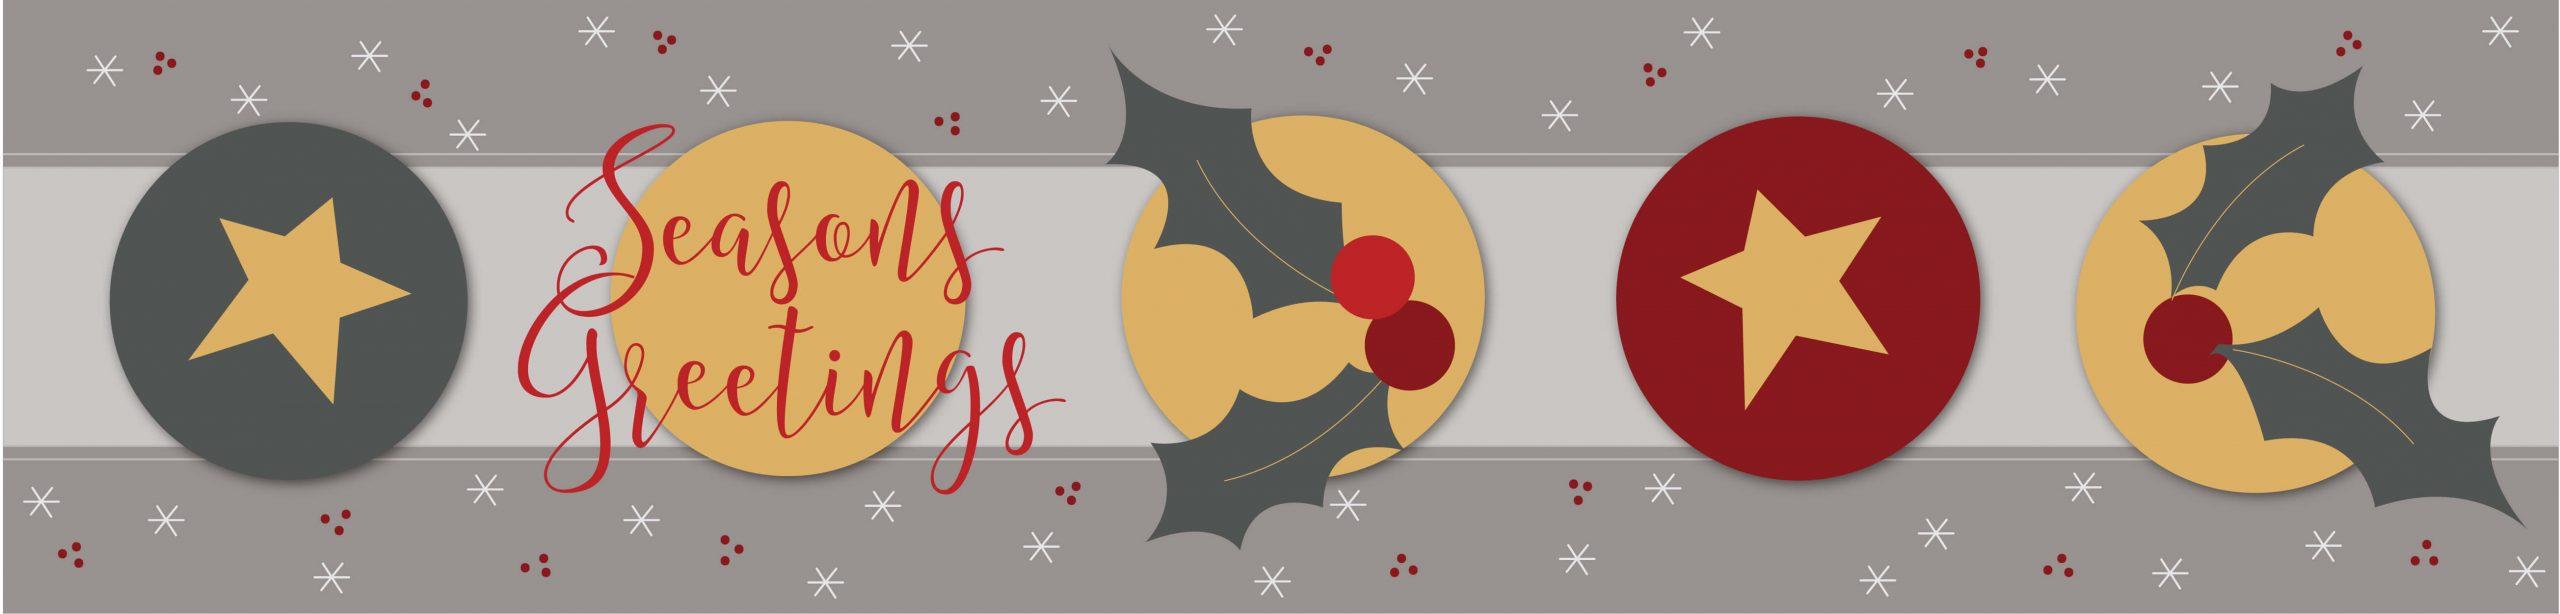 Christmas Banner Option 1 - small